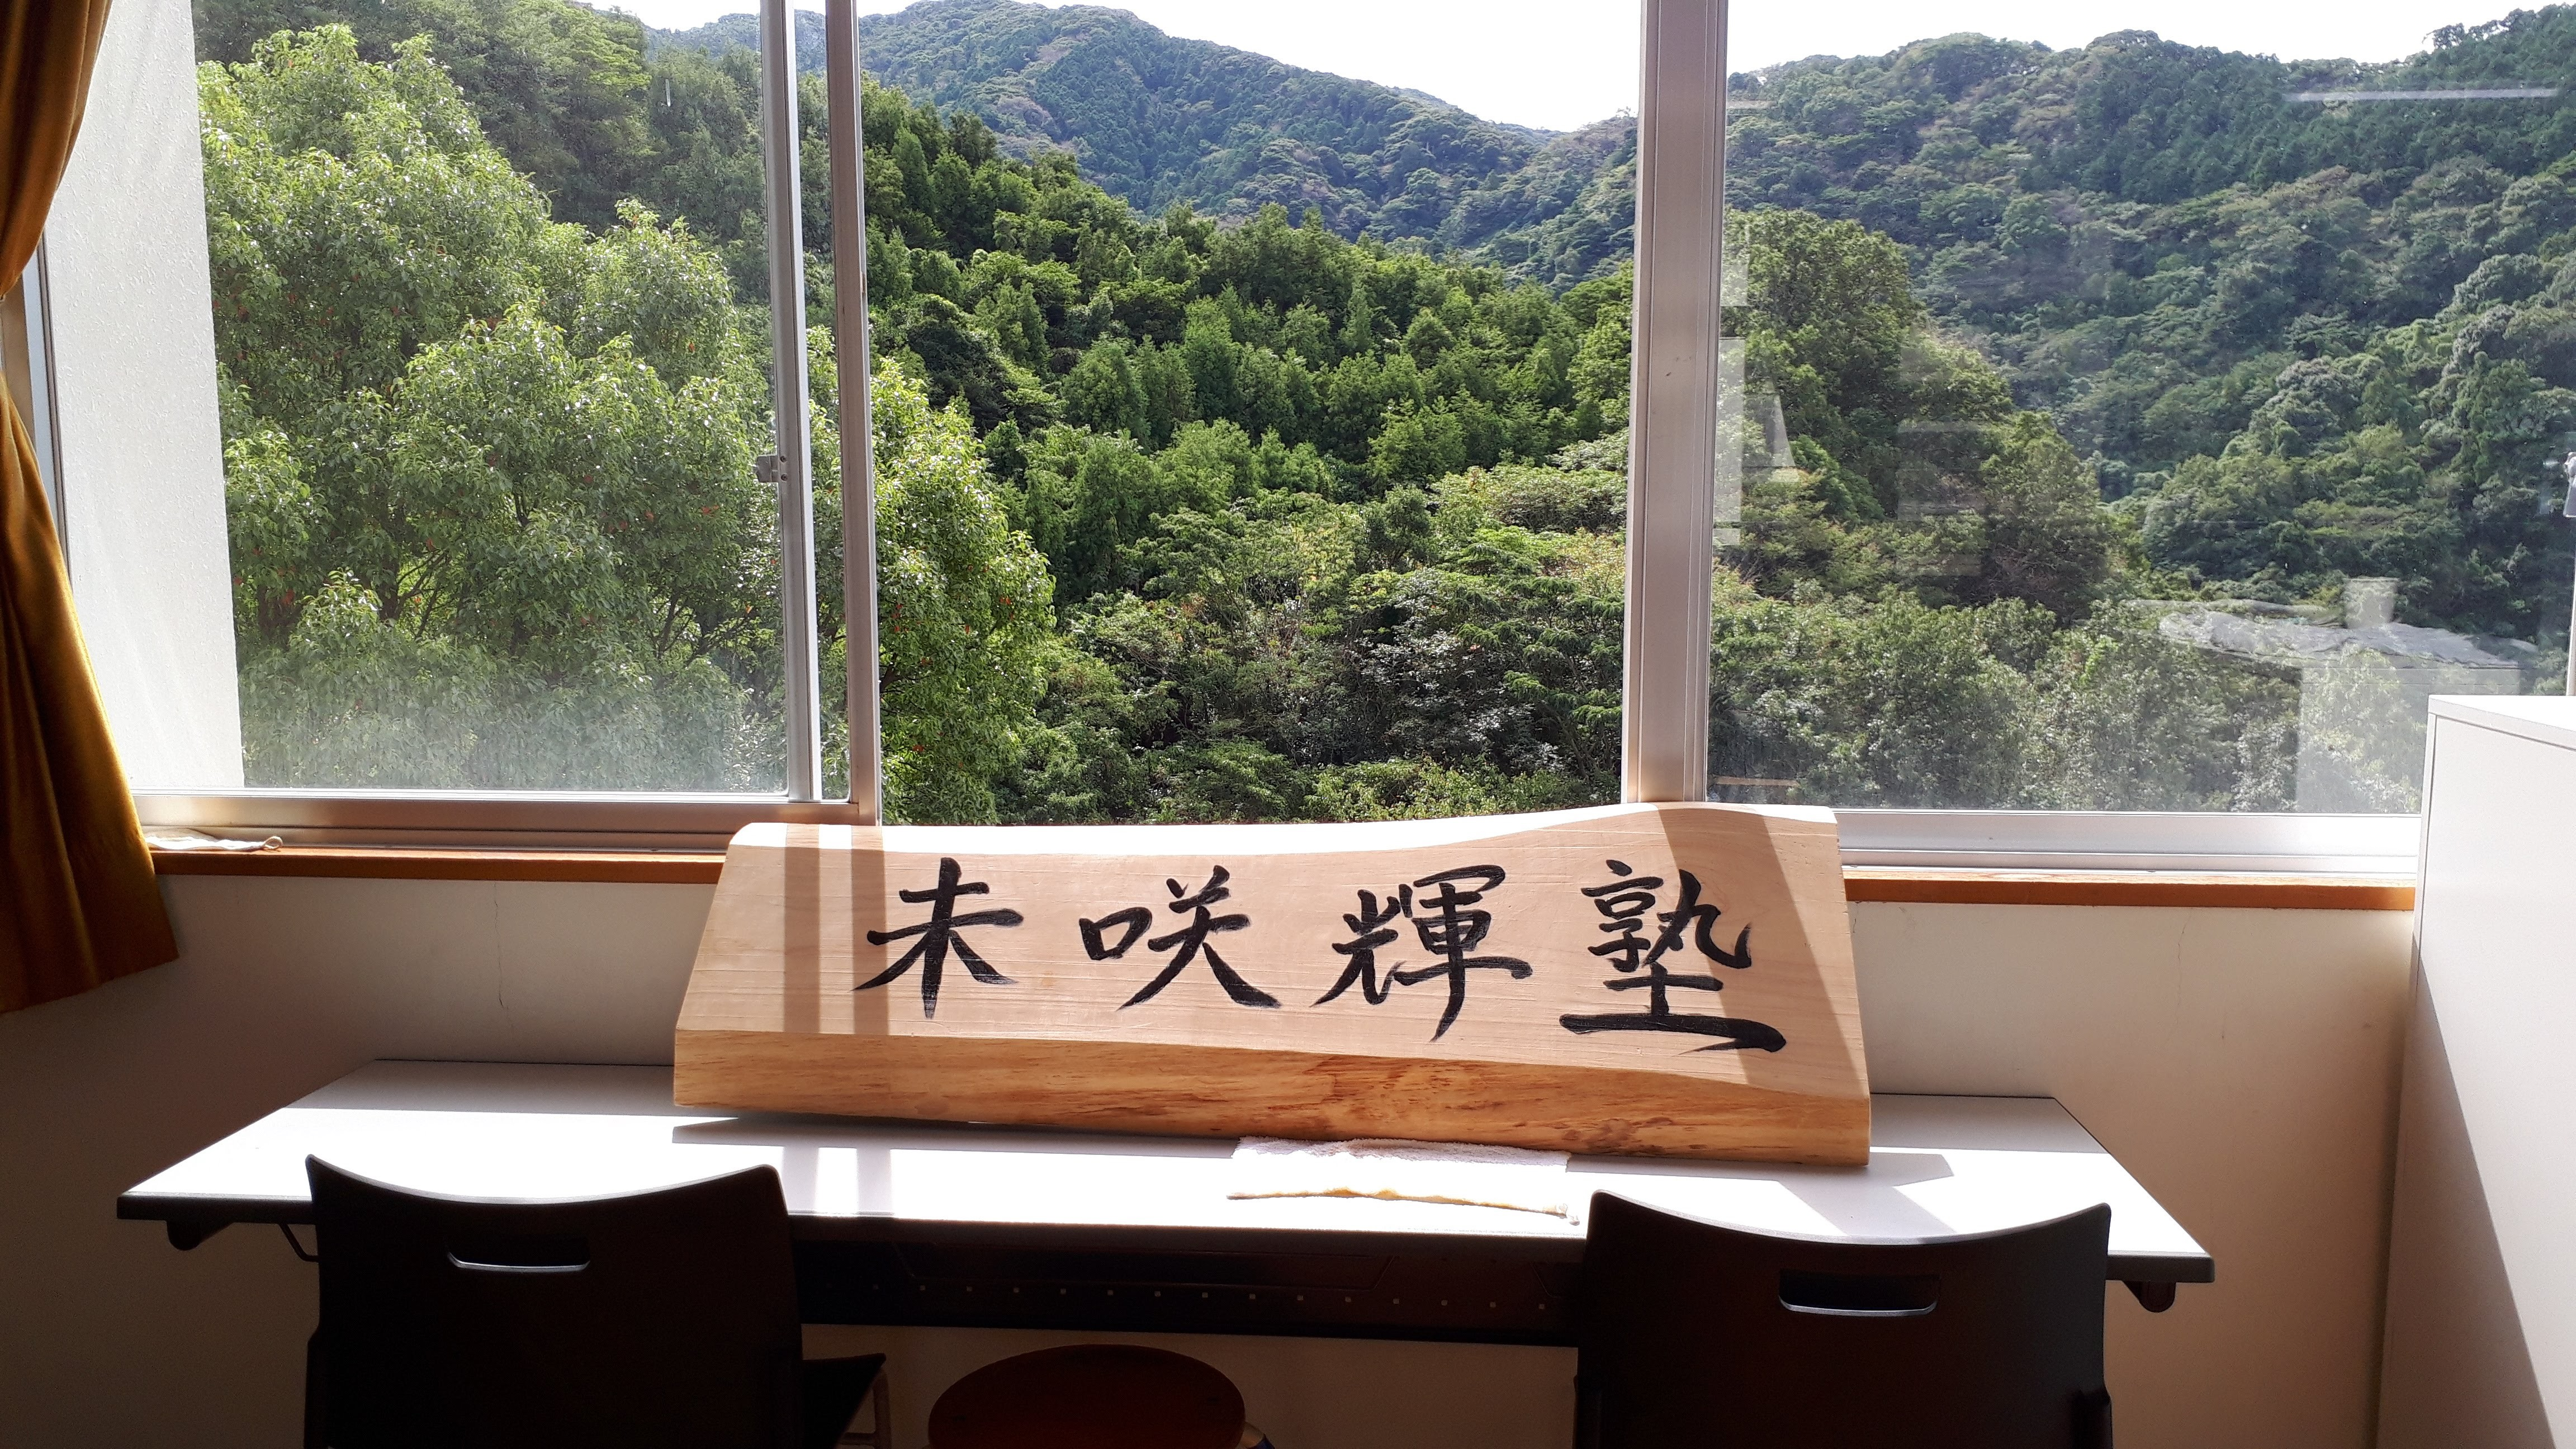 【全国の中高生が対象】三崎高校と「公営塾」を丸ごと体験できるイベントをご紹介します!